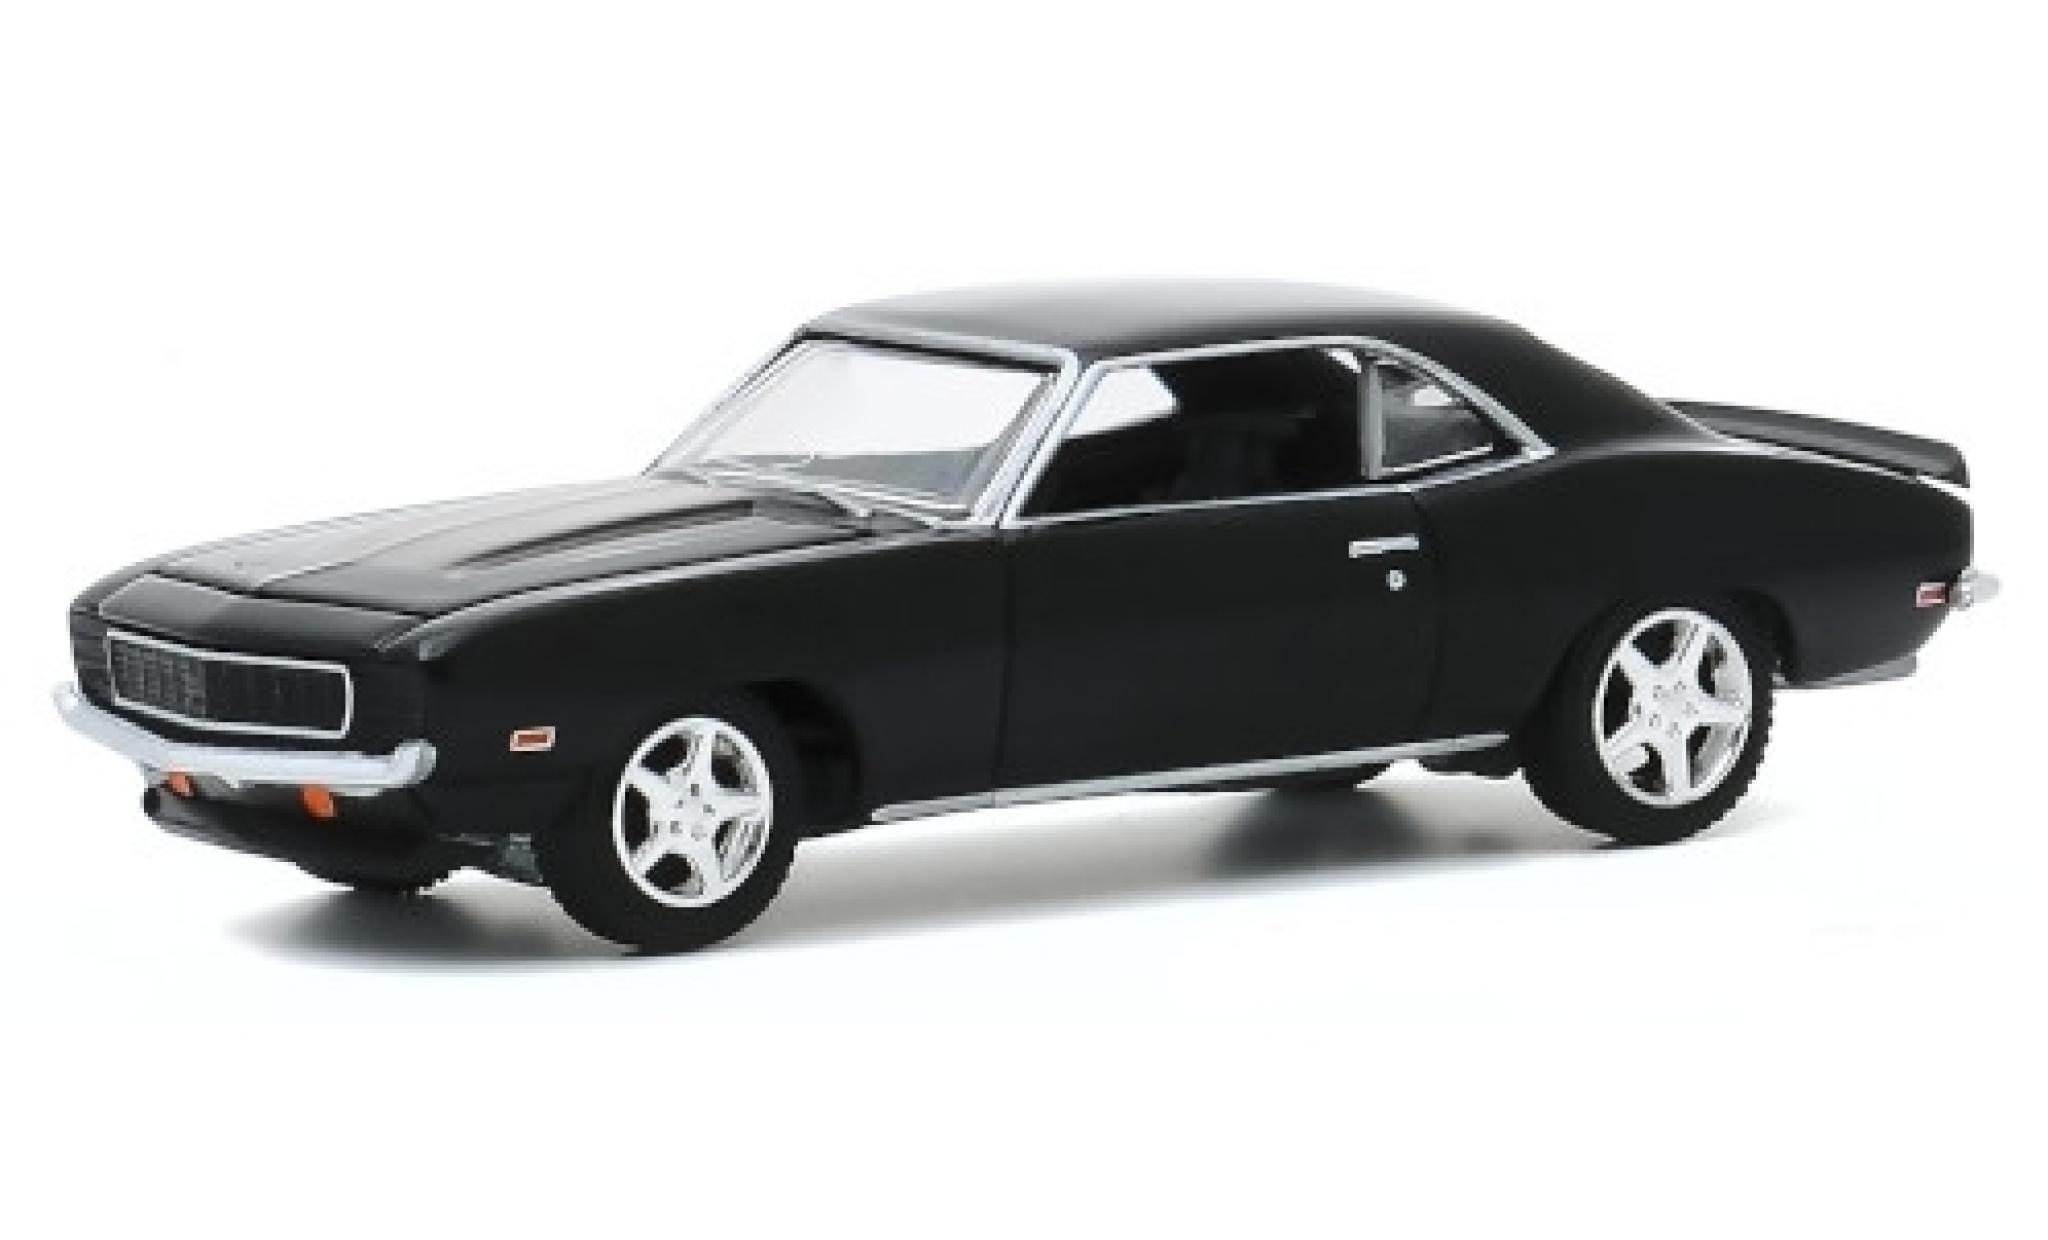 Chevrolet Camaro 1/64 Greenlight Tux black 1969